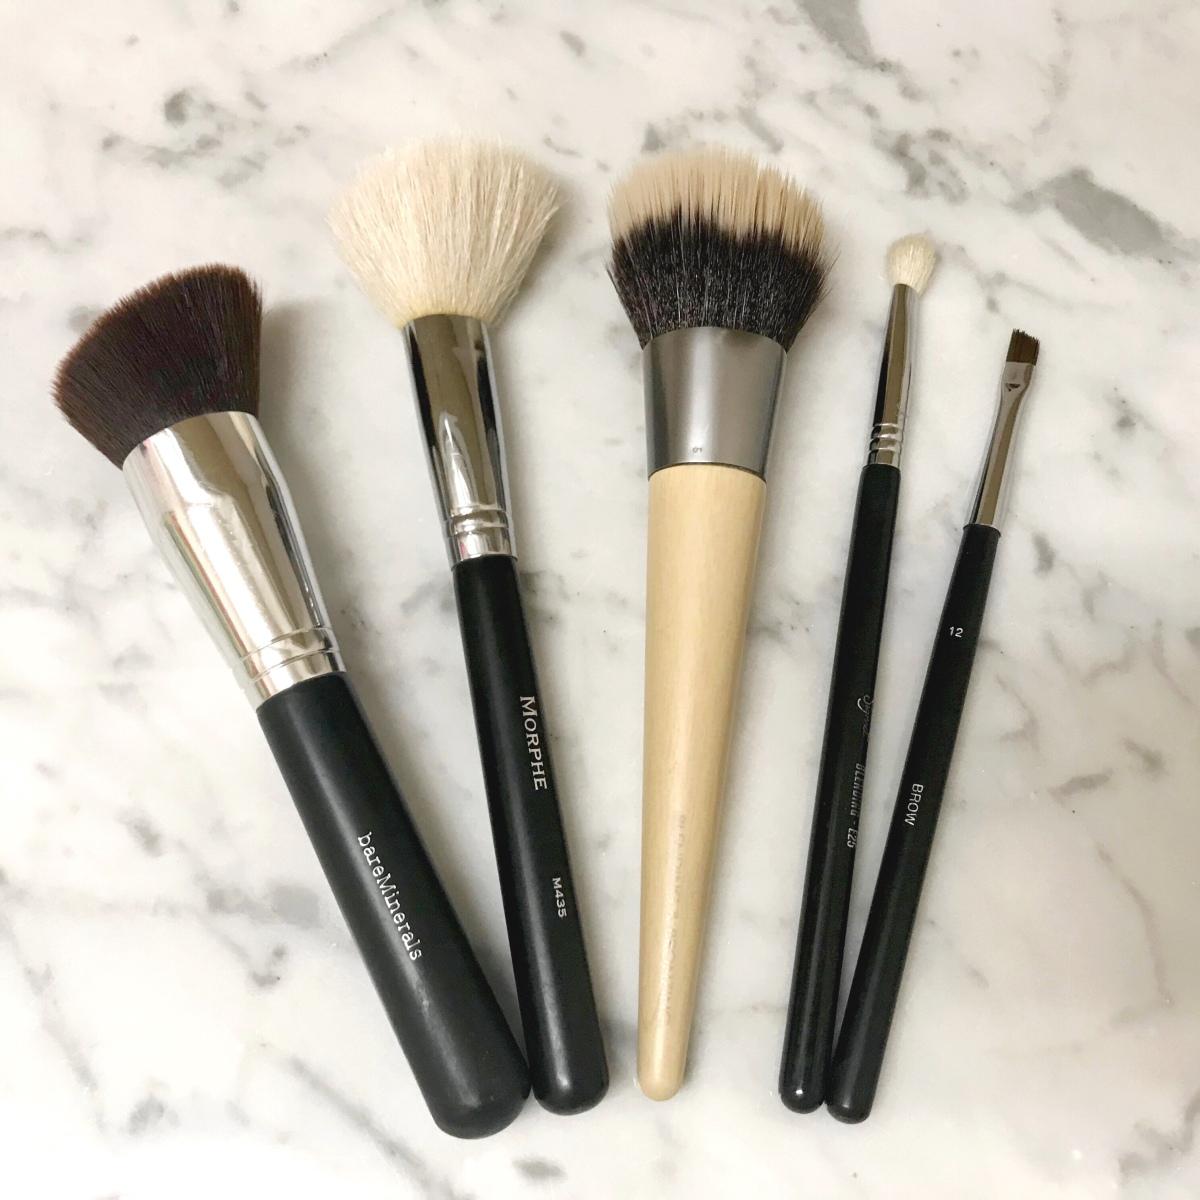 Top 5 MakeupBrushes